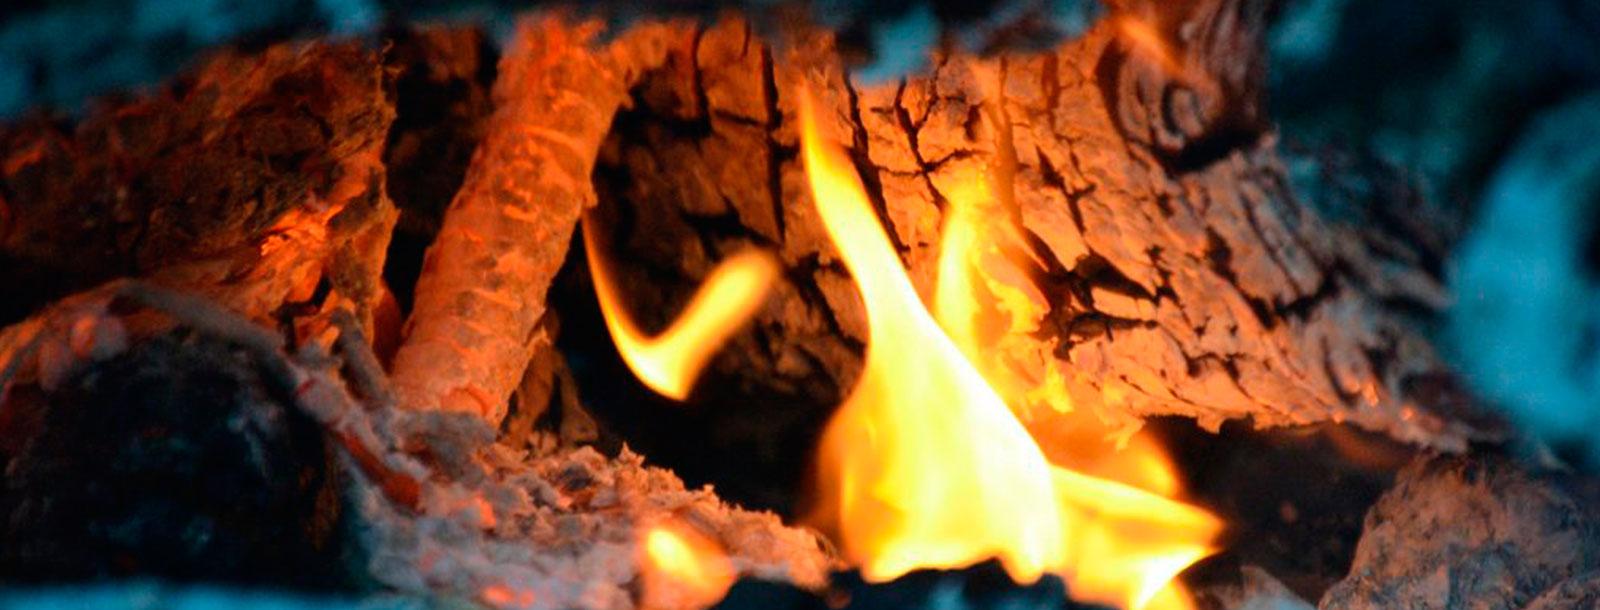 Quema de leña humeda, el calor de hogar que mata